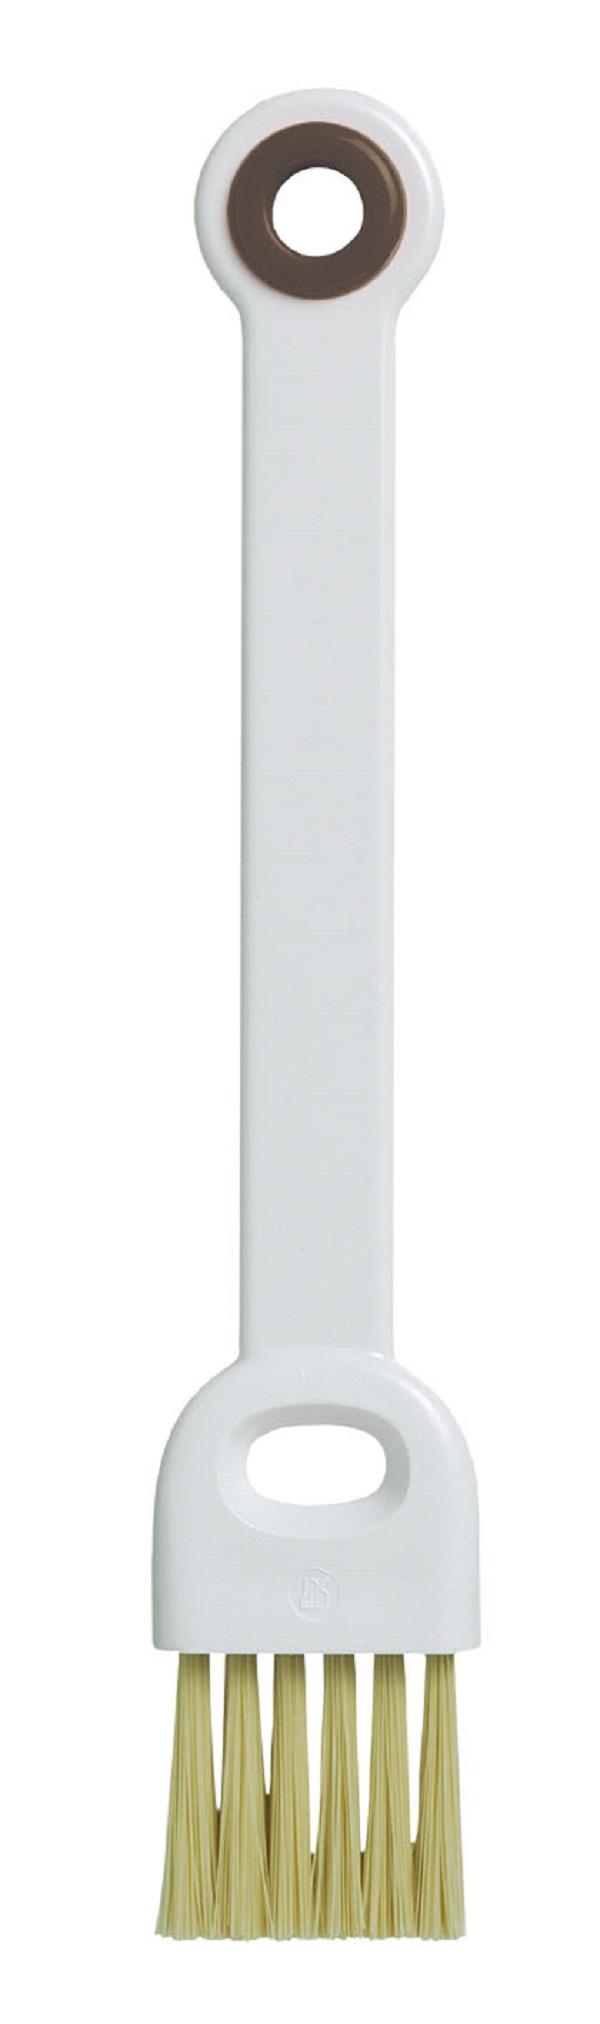 Πινέλο Ζαχαροπλαστικής ELIPLAST - ELIPLAST - 397/E